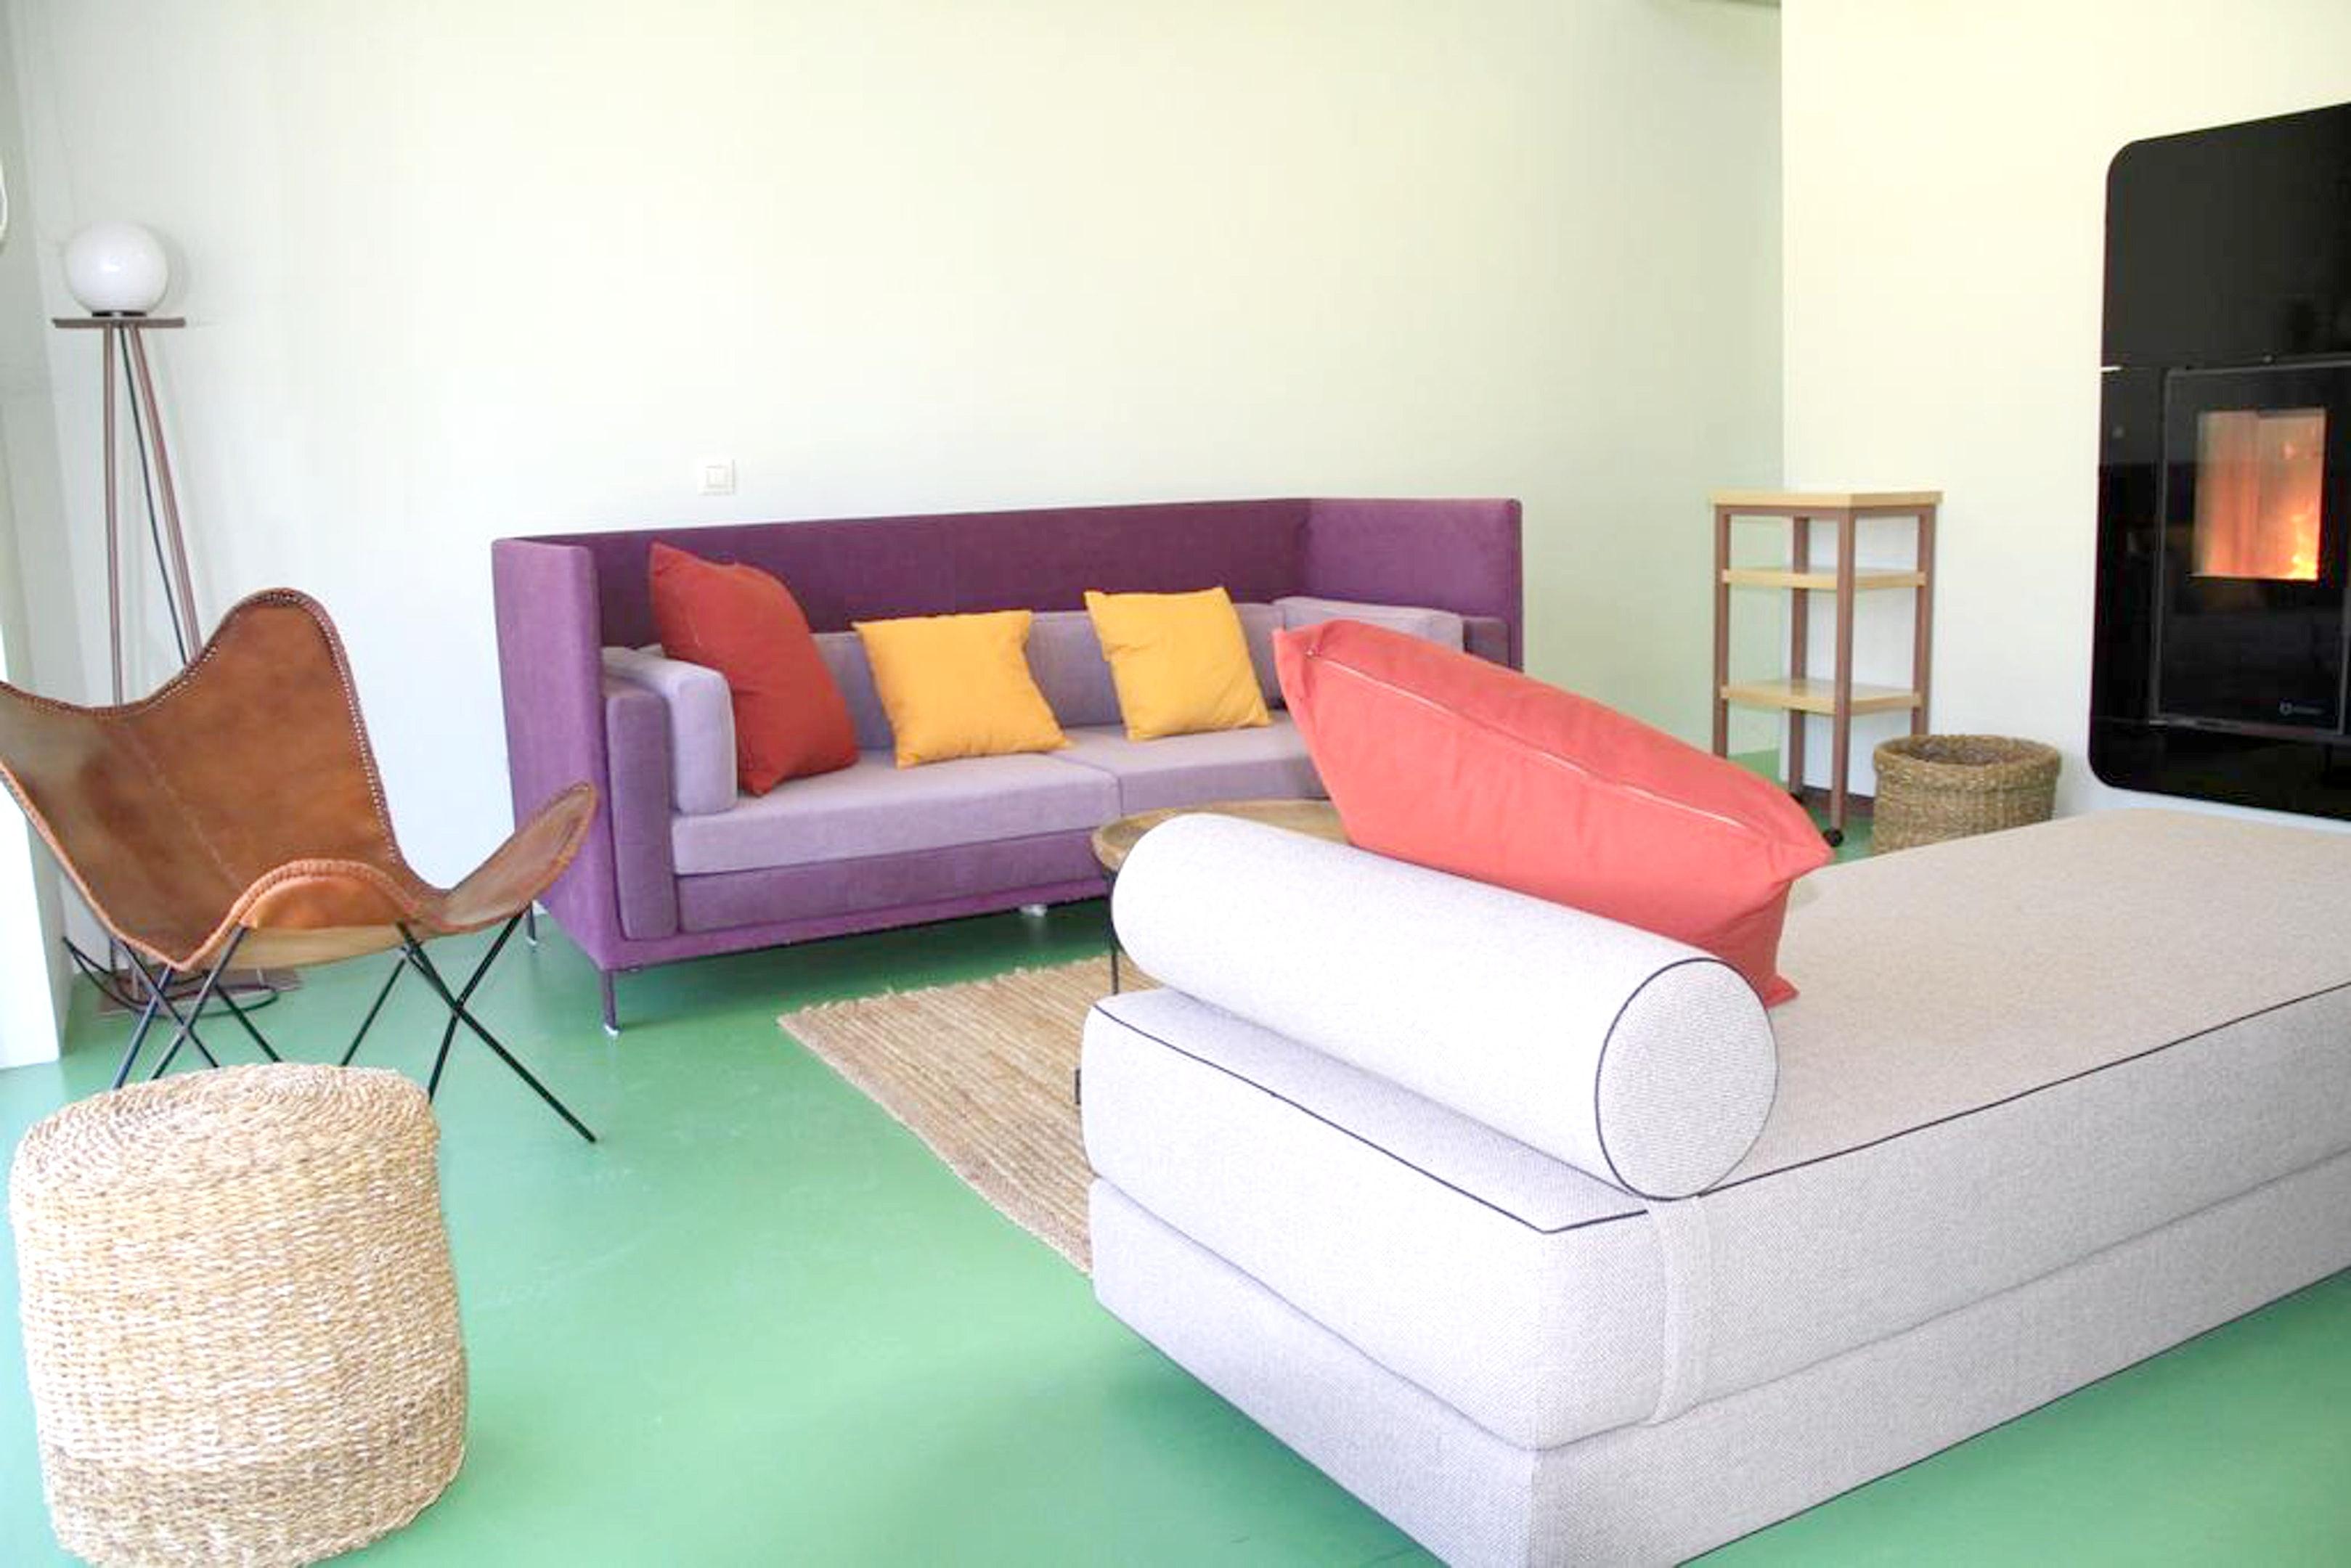 Ferienhaus Haus mit einem Schlafzimmer in Argamasilla de Alba mit Pool, eingezäuntem Garten und W-LAN (2541147), Argamasilla de Alba, Ciudad Real, Kastilien-La Mancha, Spanien, Bild 10